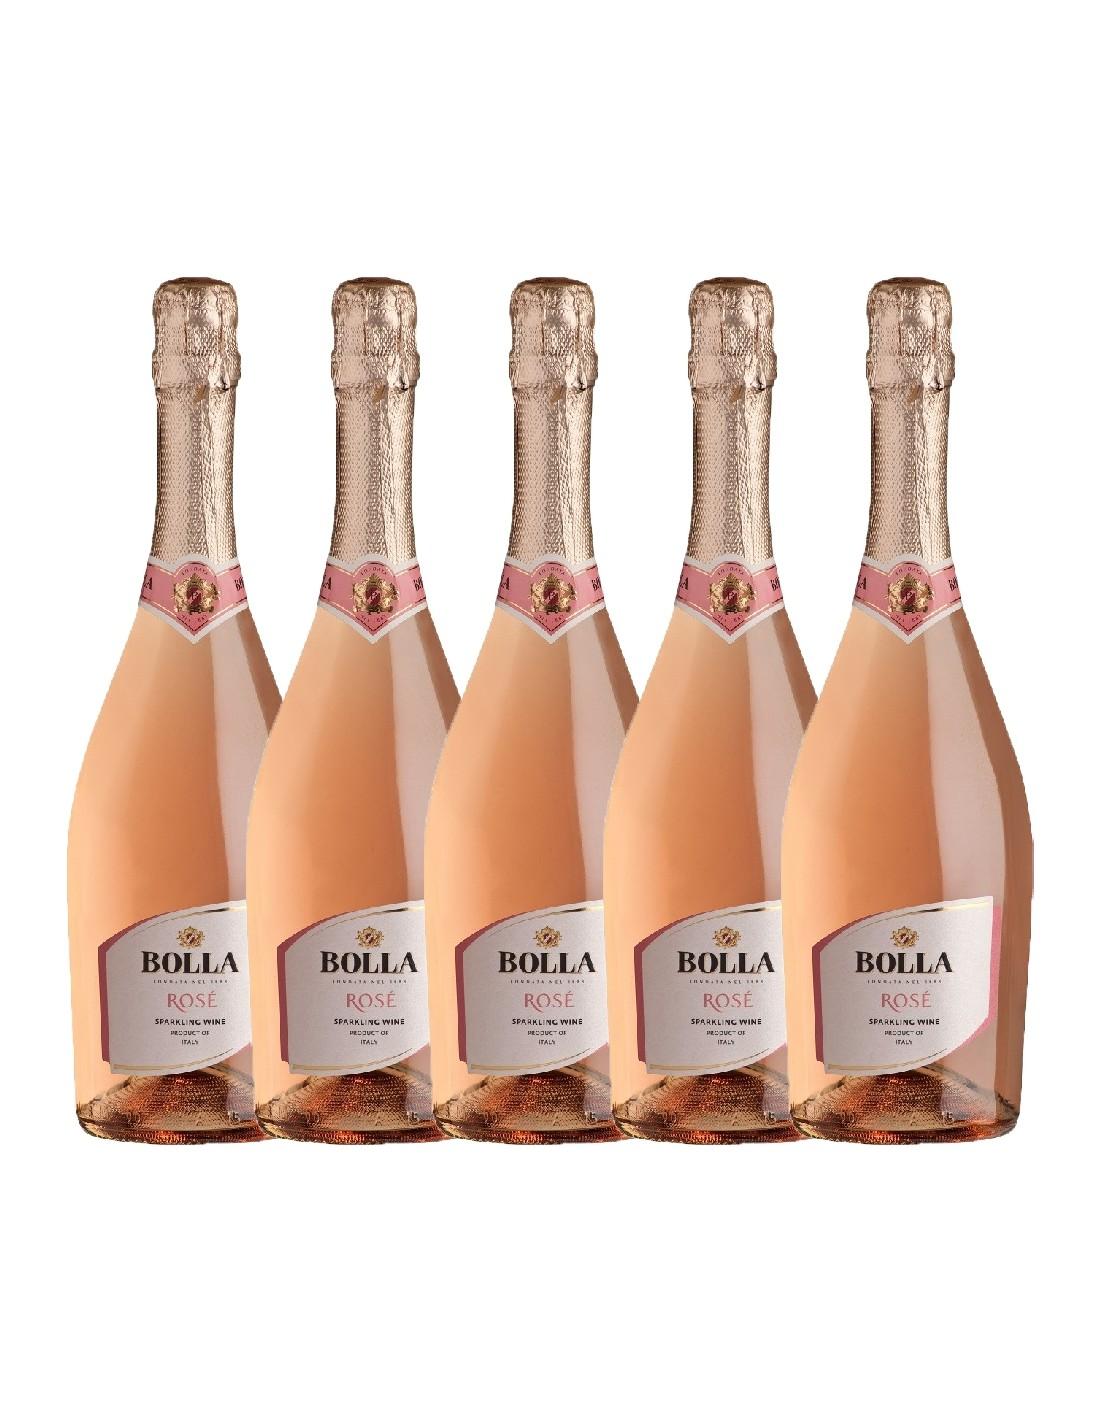 Pachet 5 sticle Vin spumant roze, Bolla Veneto, 0.75L, 11% alc., Italia